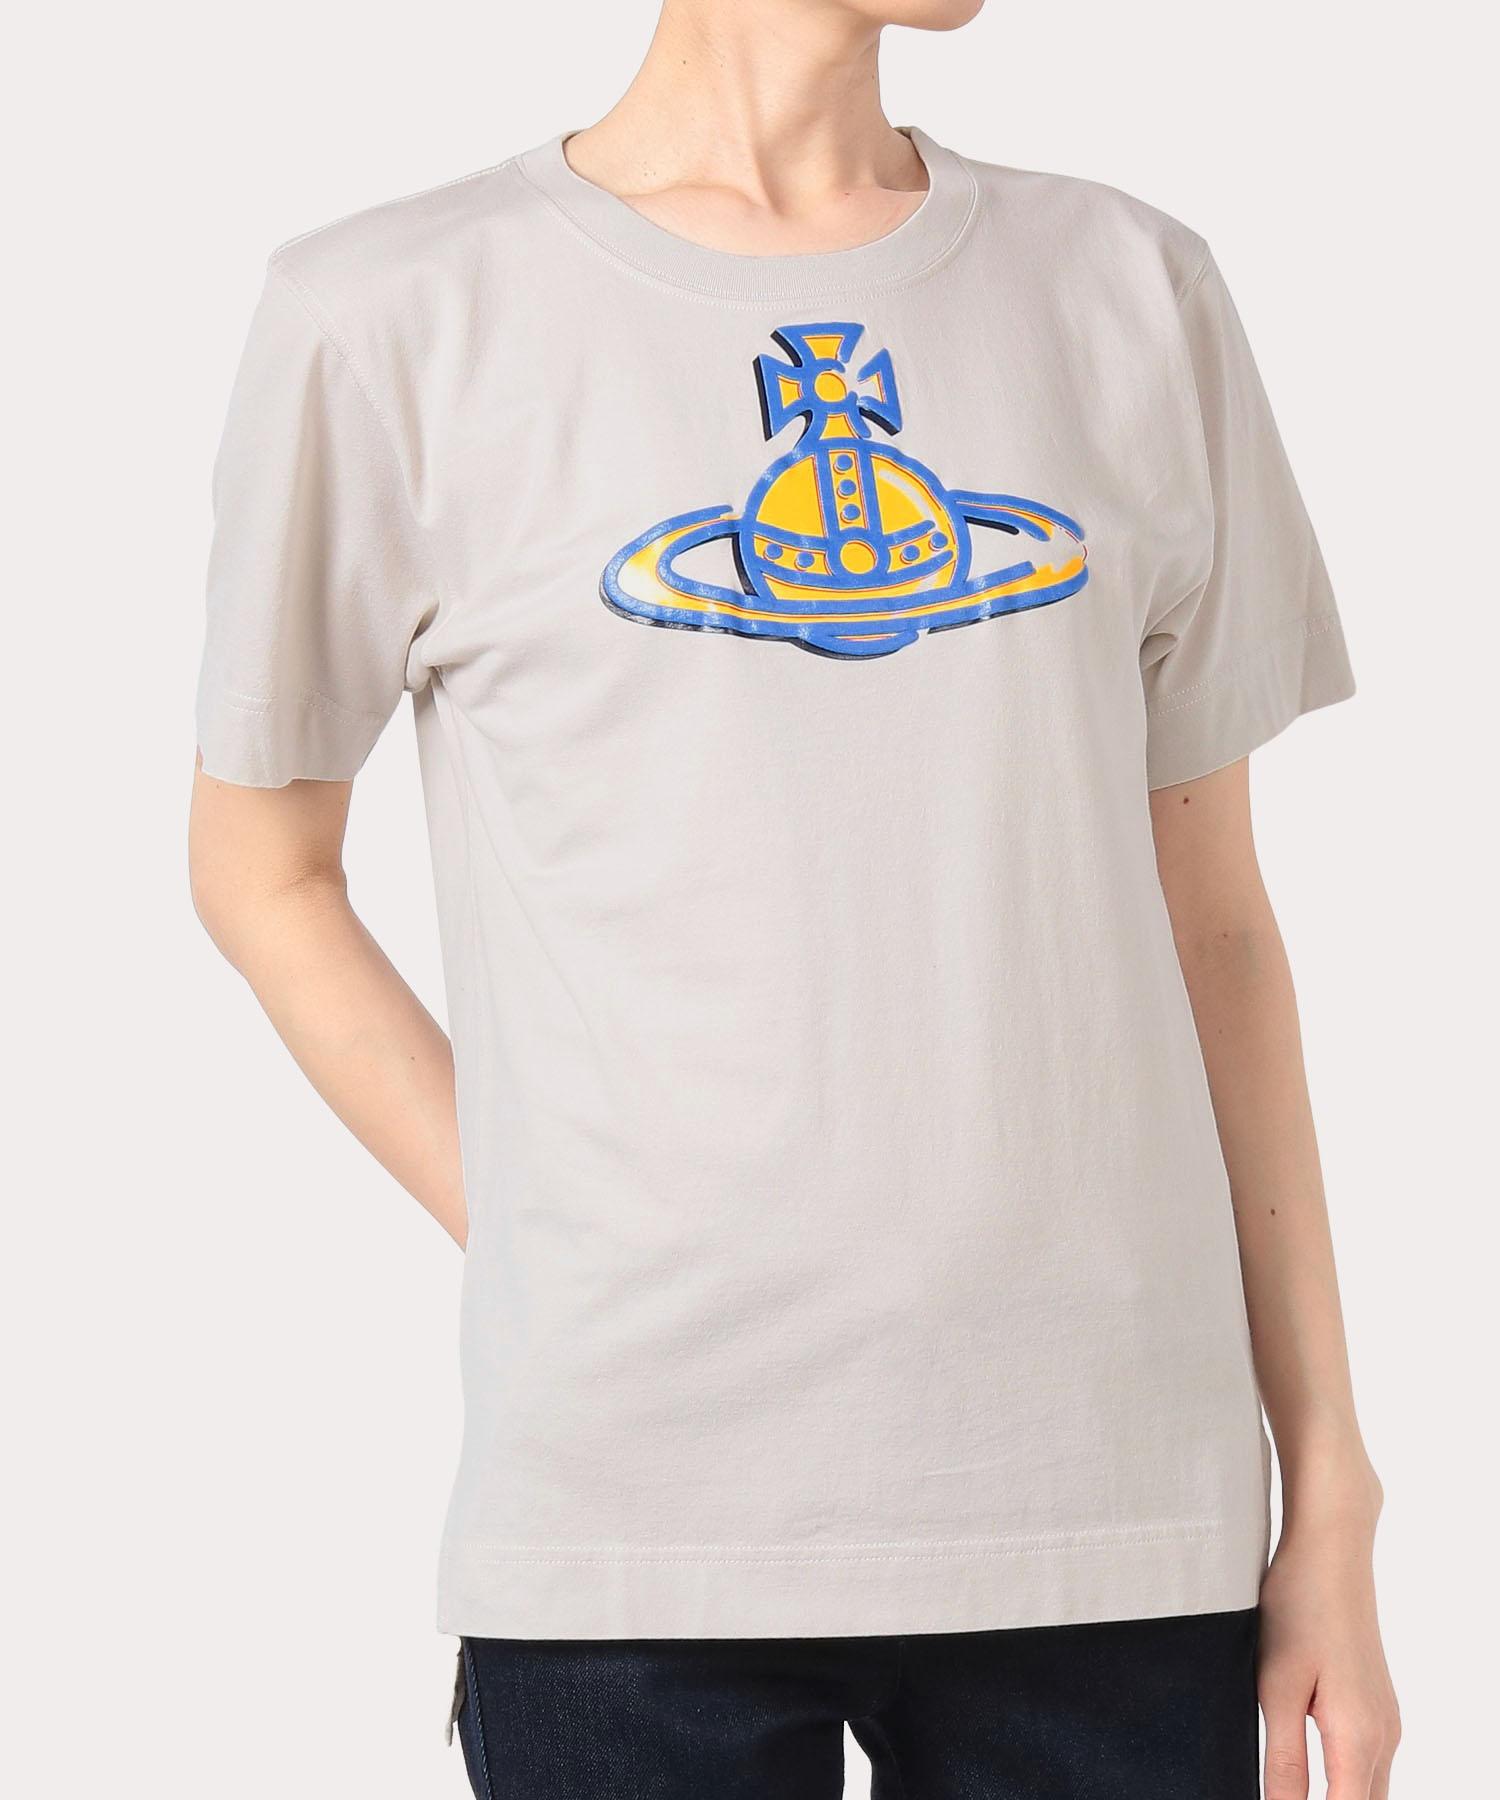 ダンシングORB ボーイズTシャツ